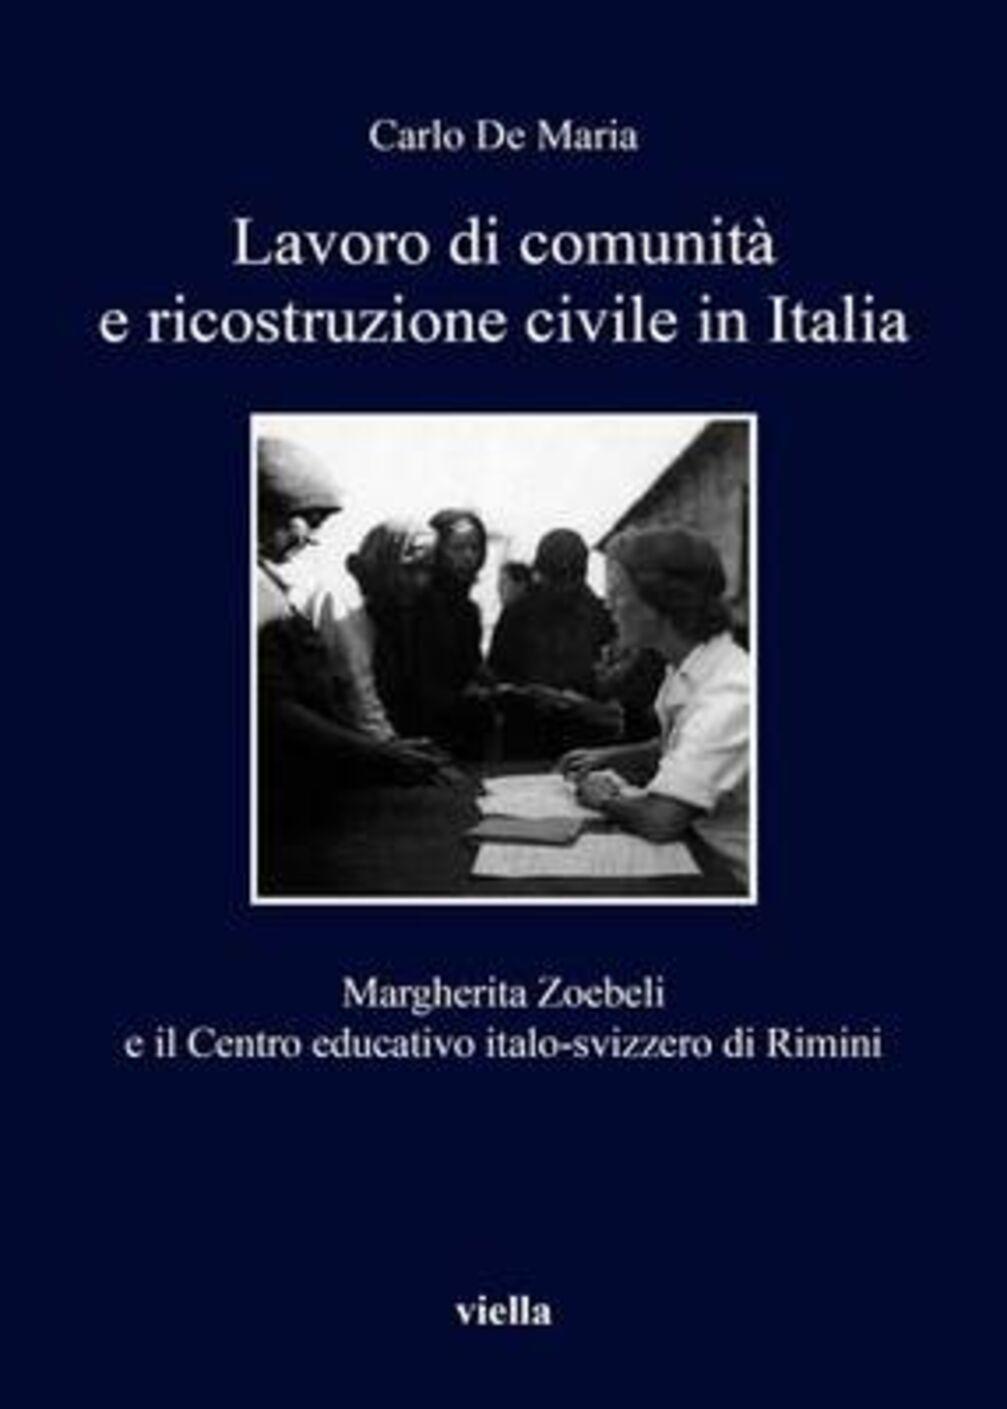 Lavoro di comunità e ricostruzione civile in Italia. Margherita Zoebeli e il centro educativo italo-svizzero di Rimini